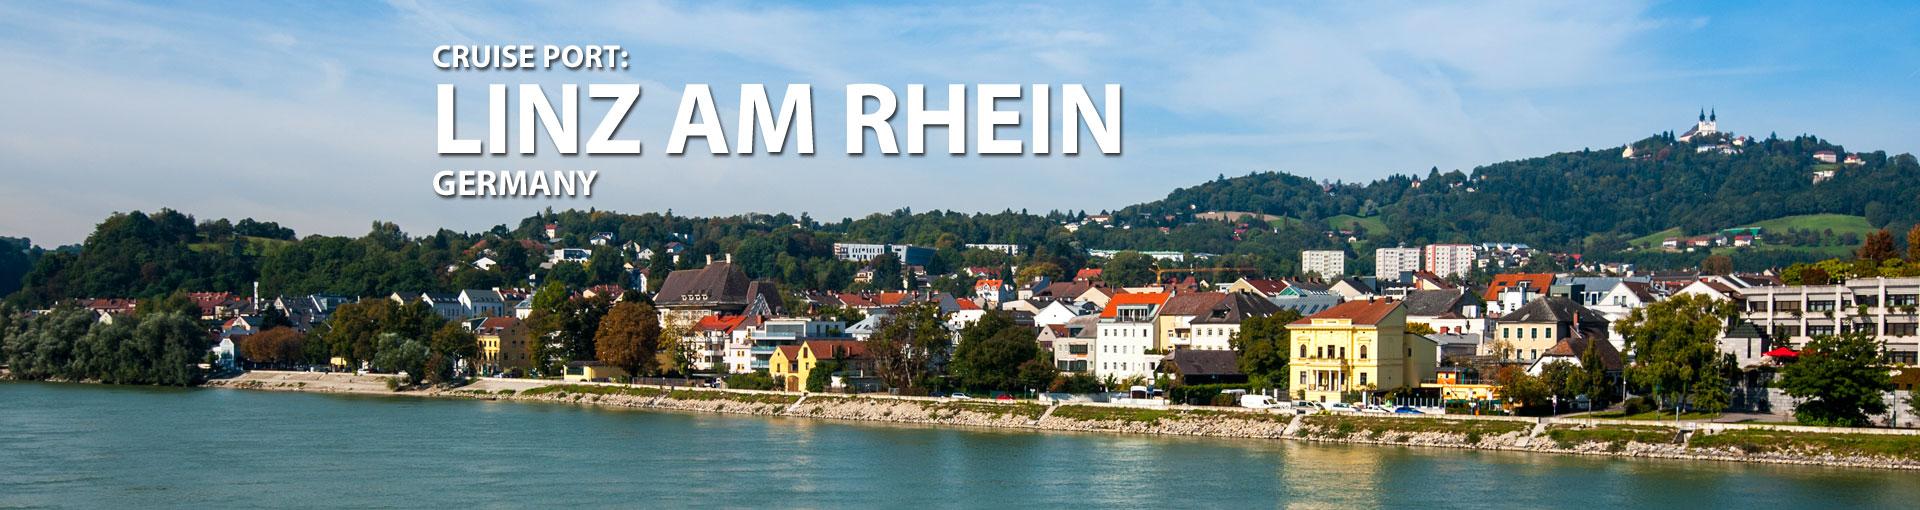 Cruises to Linz Am Rhein, Germany